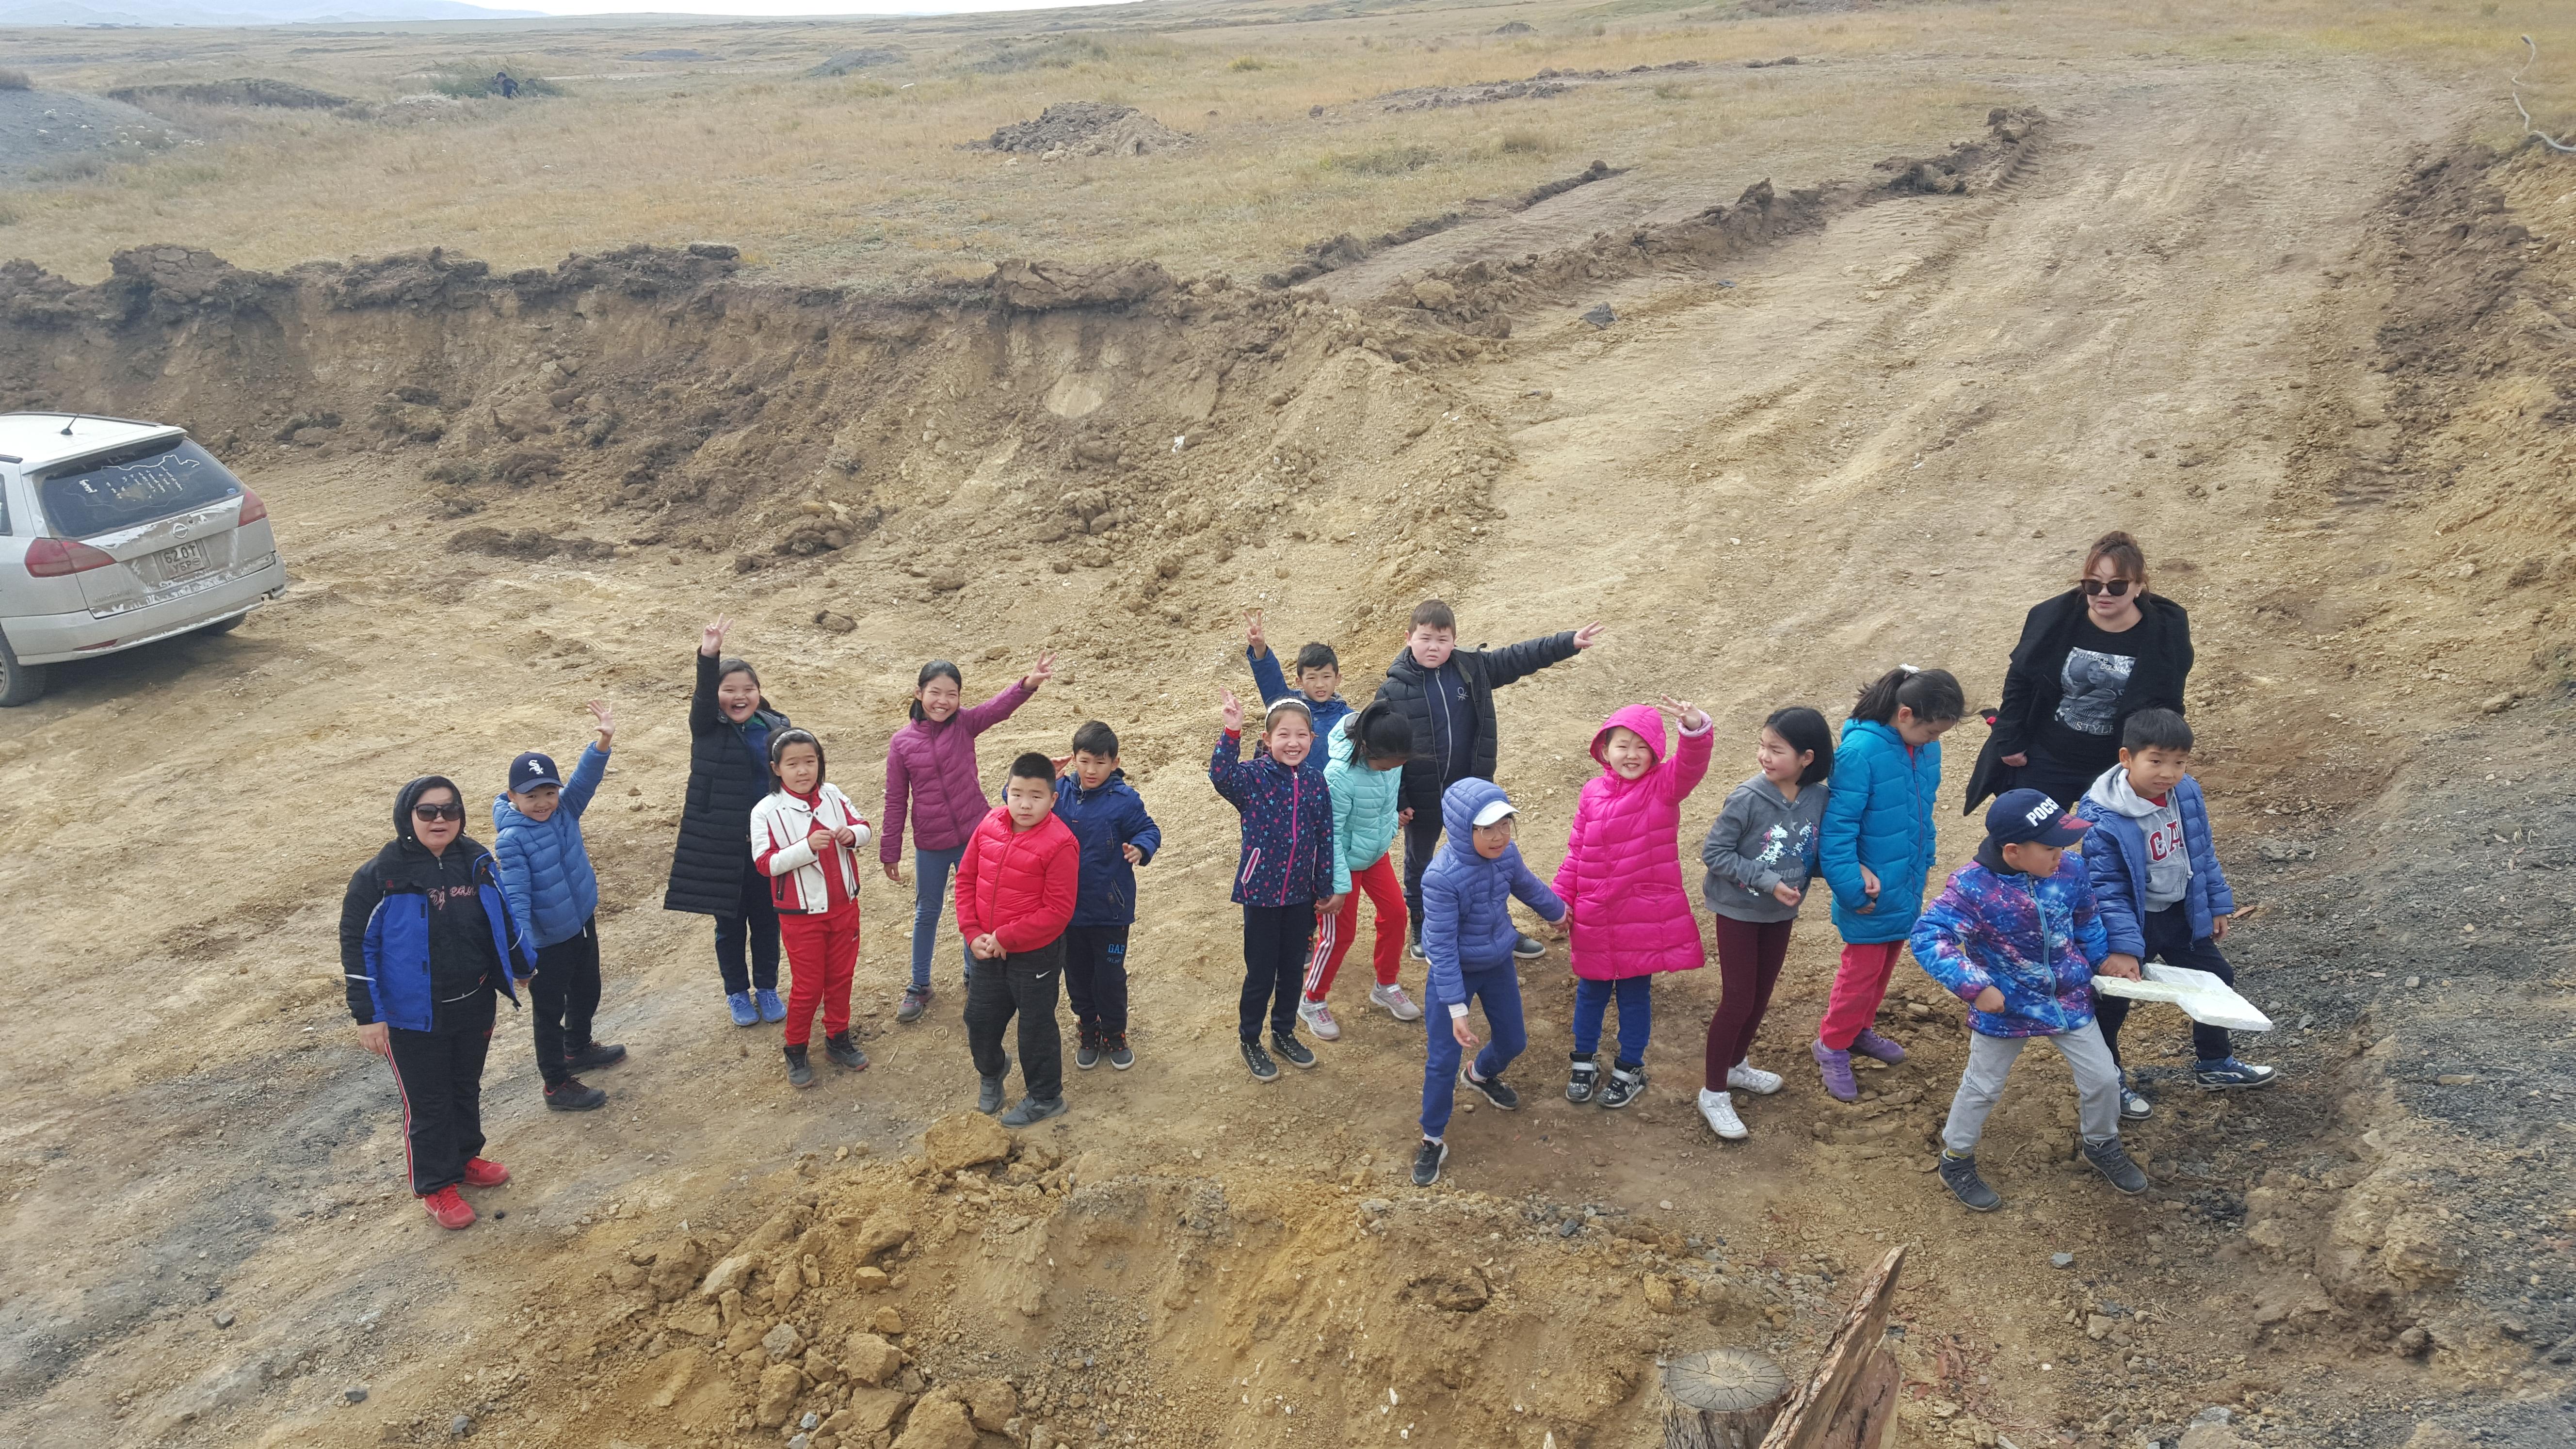 SSM сургуулийн сурагчид Налайх дүүрэгийн нүүрсний уурхайтай танилцлаа